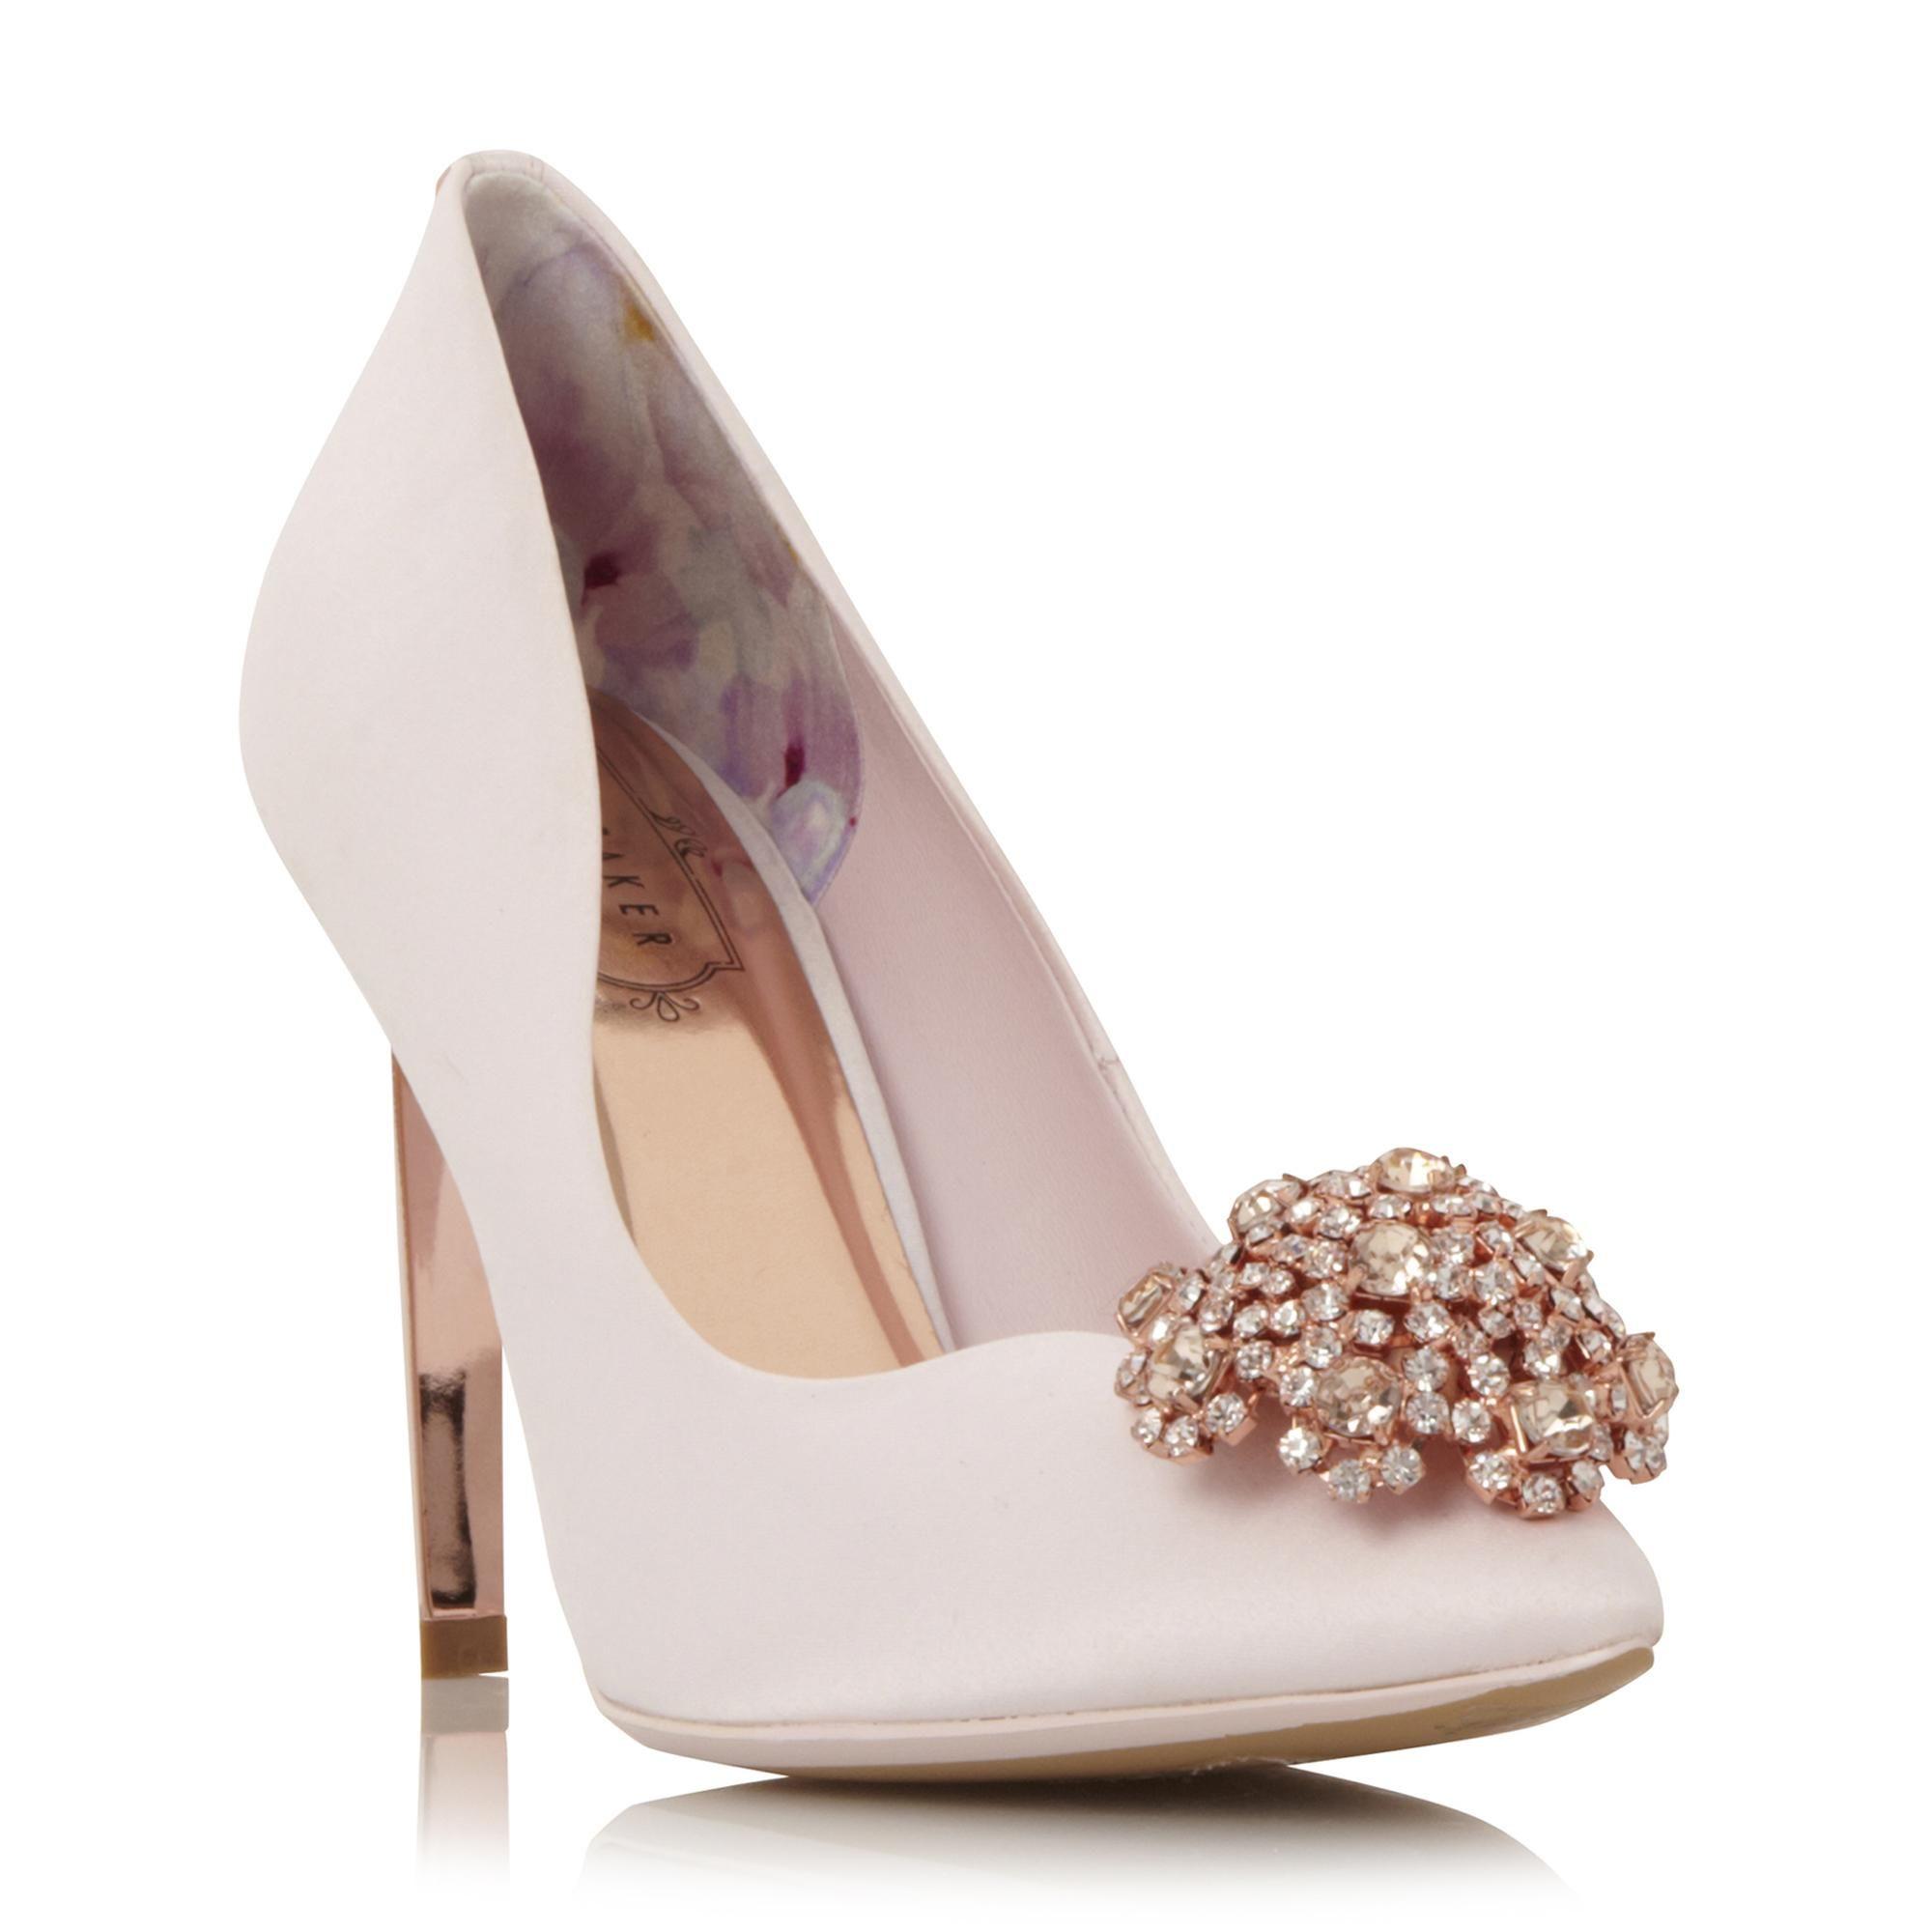 PEECH - Brooch Detail Pointed Toe Court Shoe In 2020